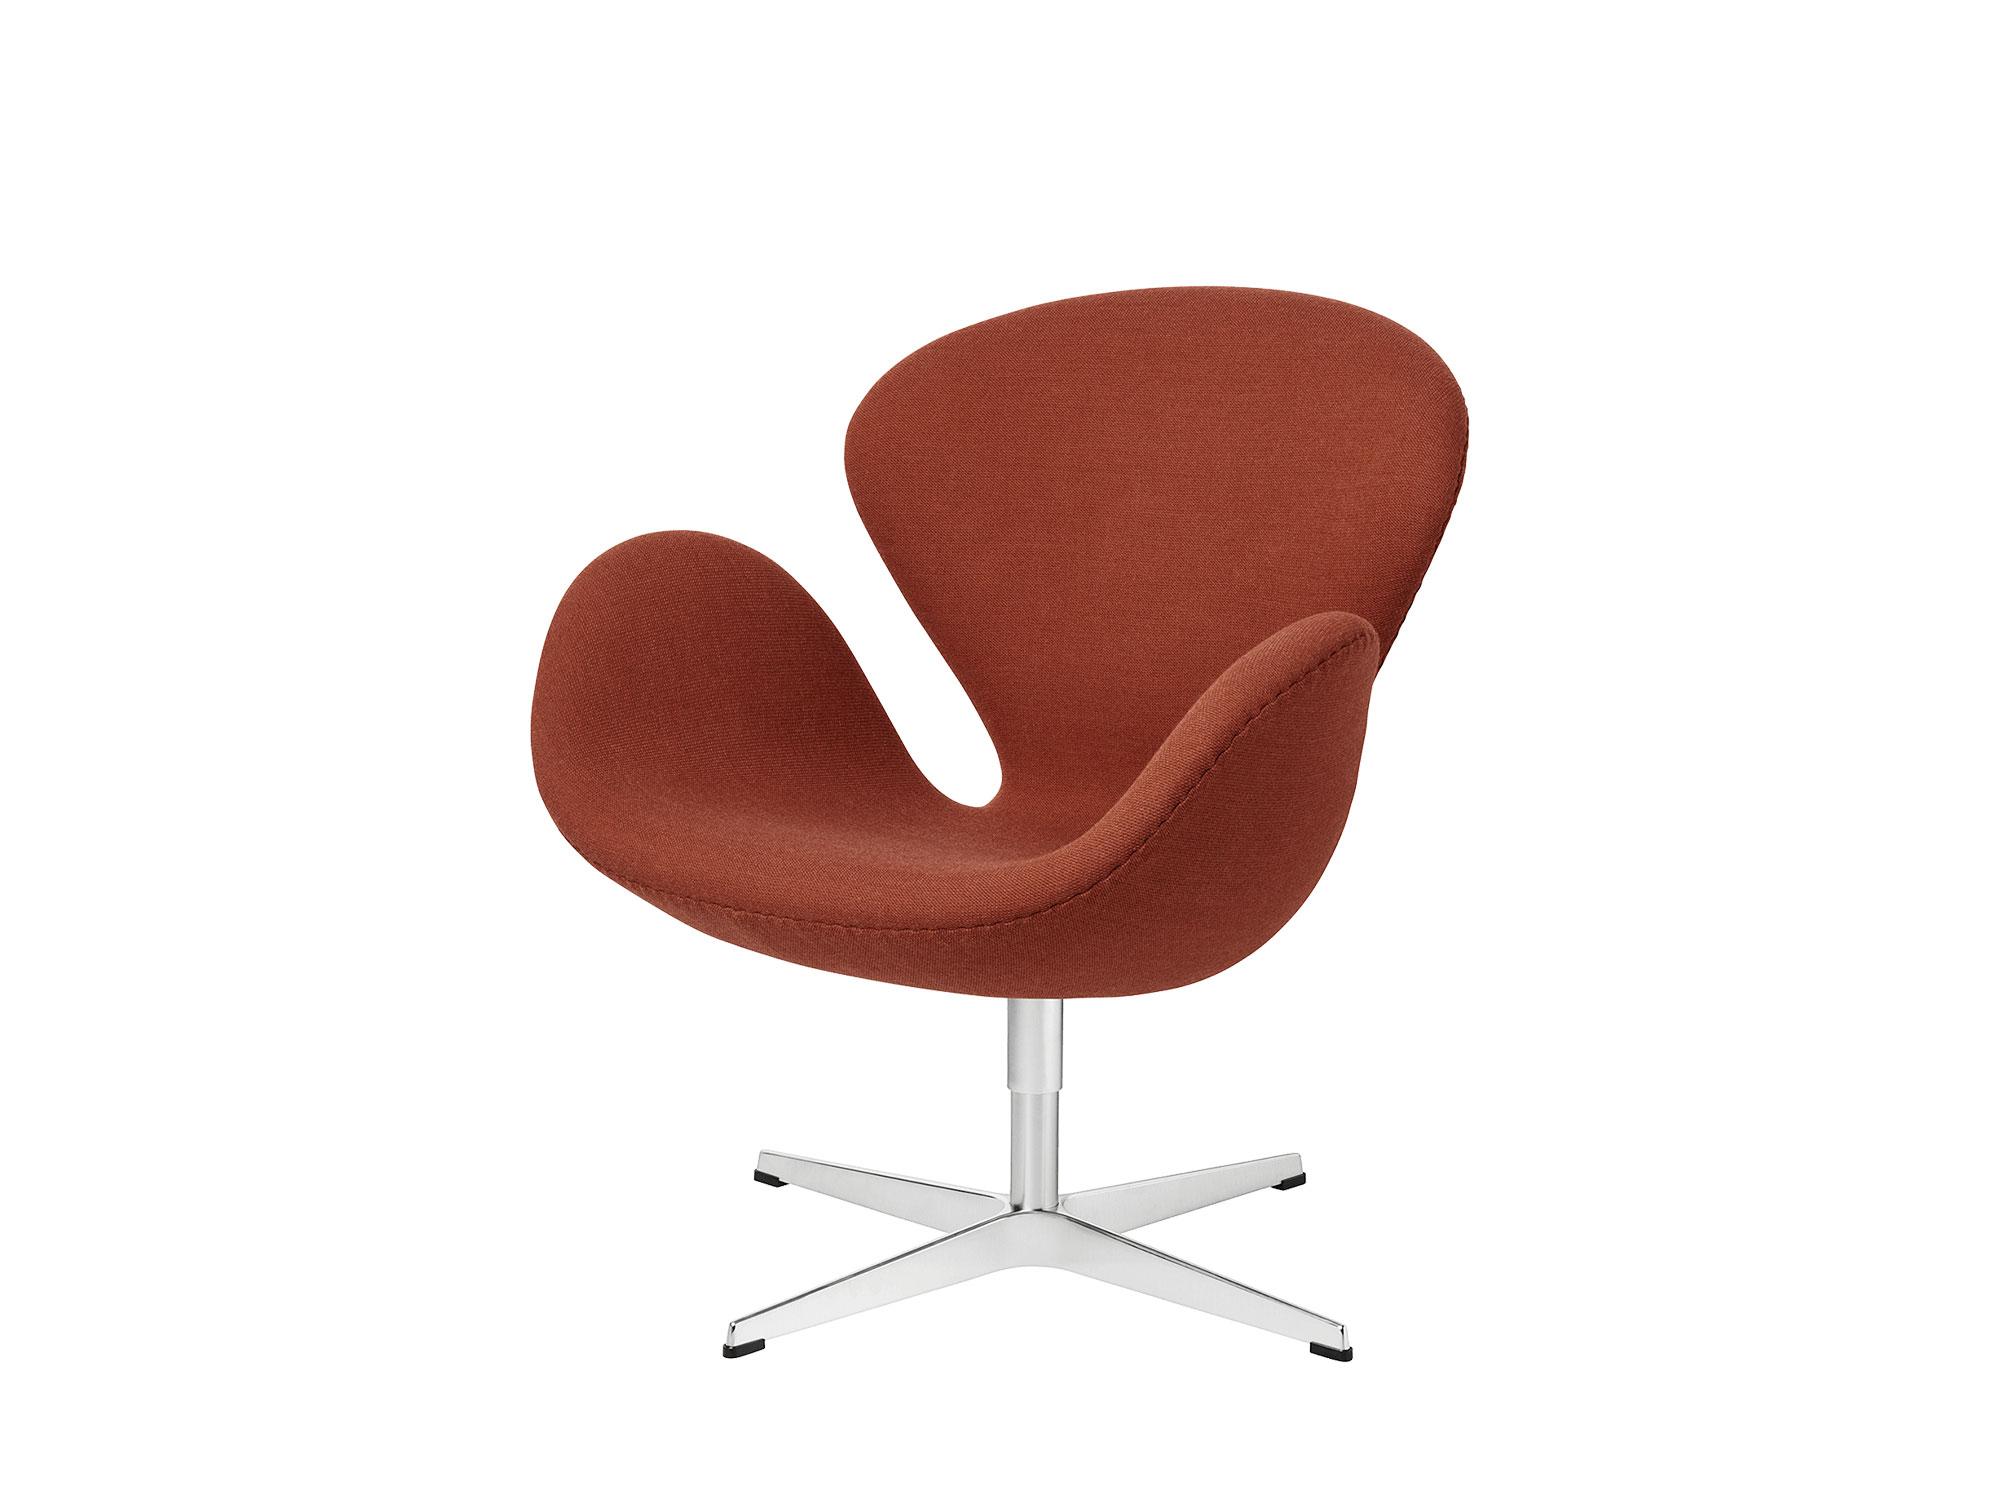 prezzo interessante selezione premium acquista per ufficiale SWAN™ 3320 Easy Chair, Fabric